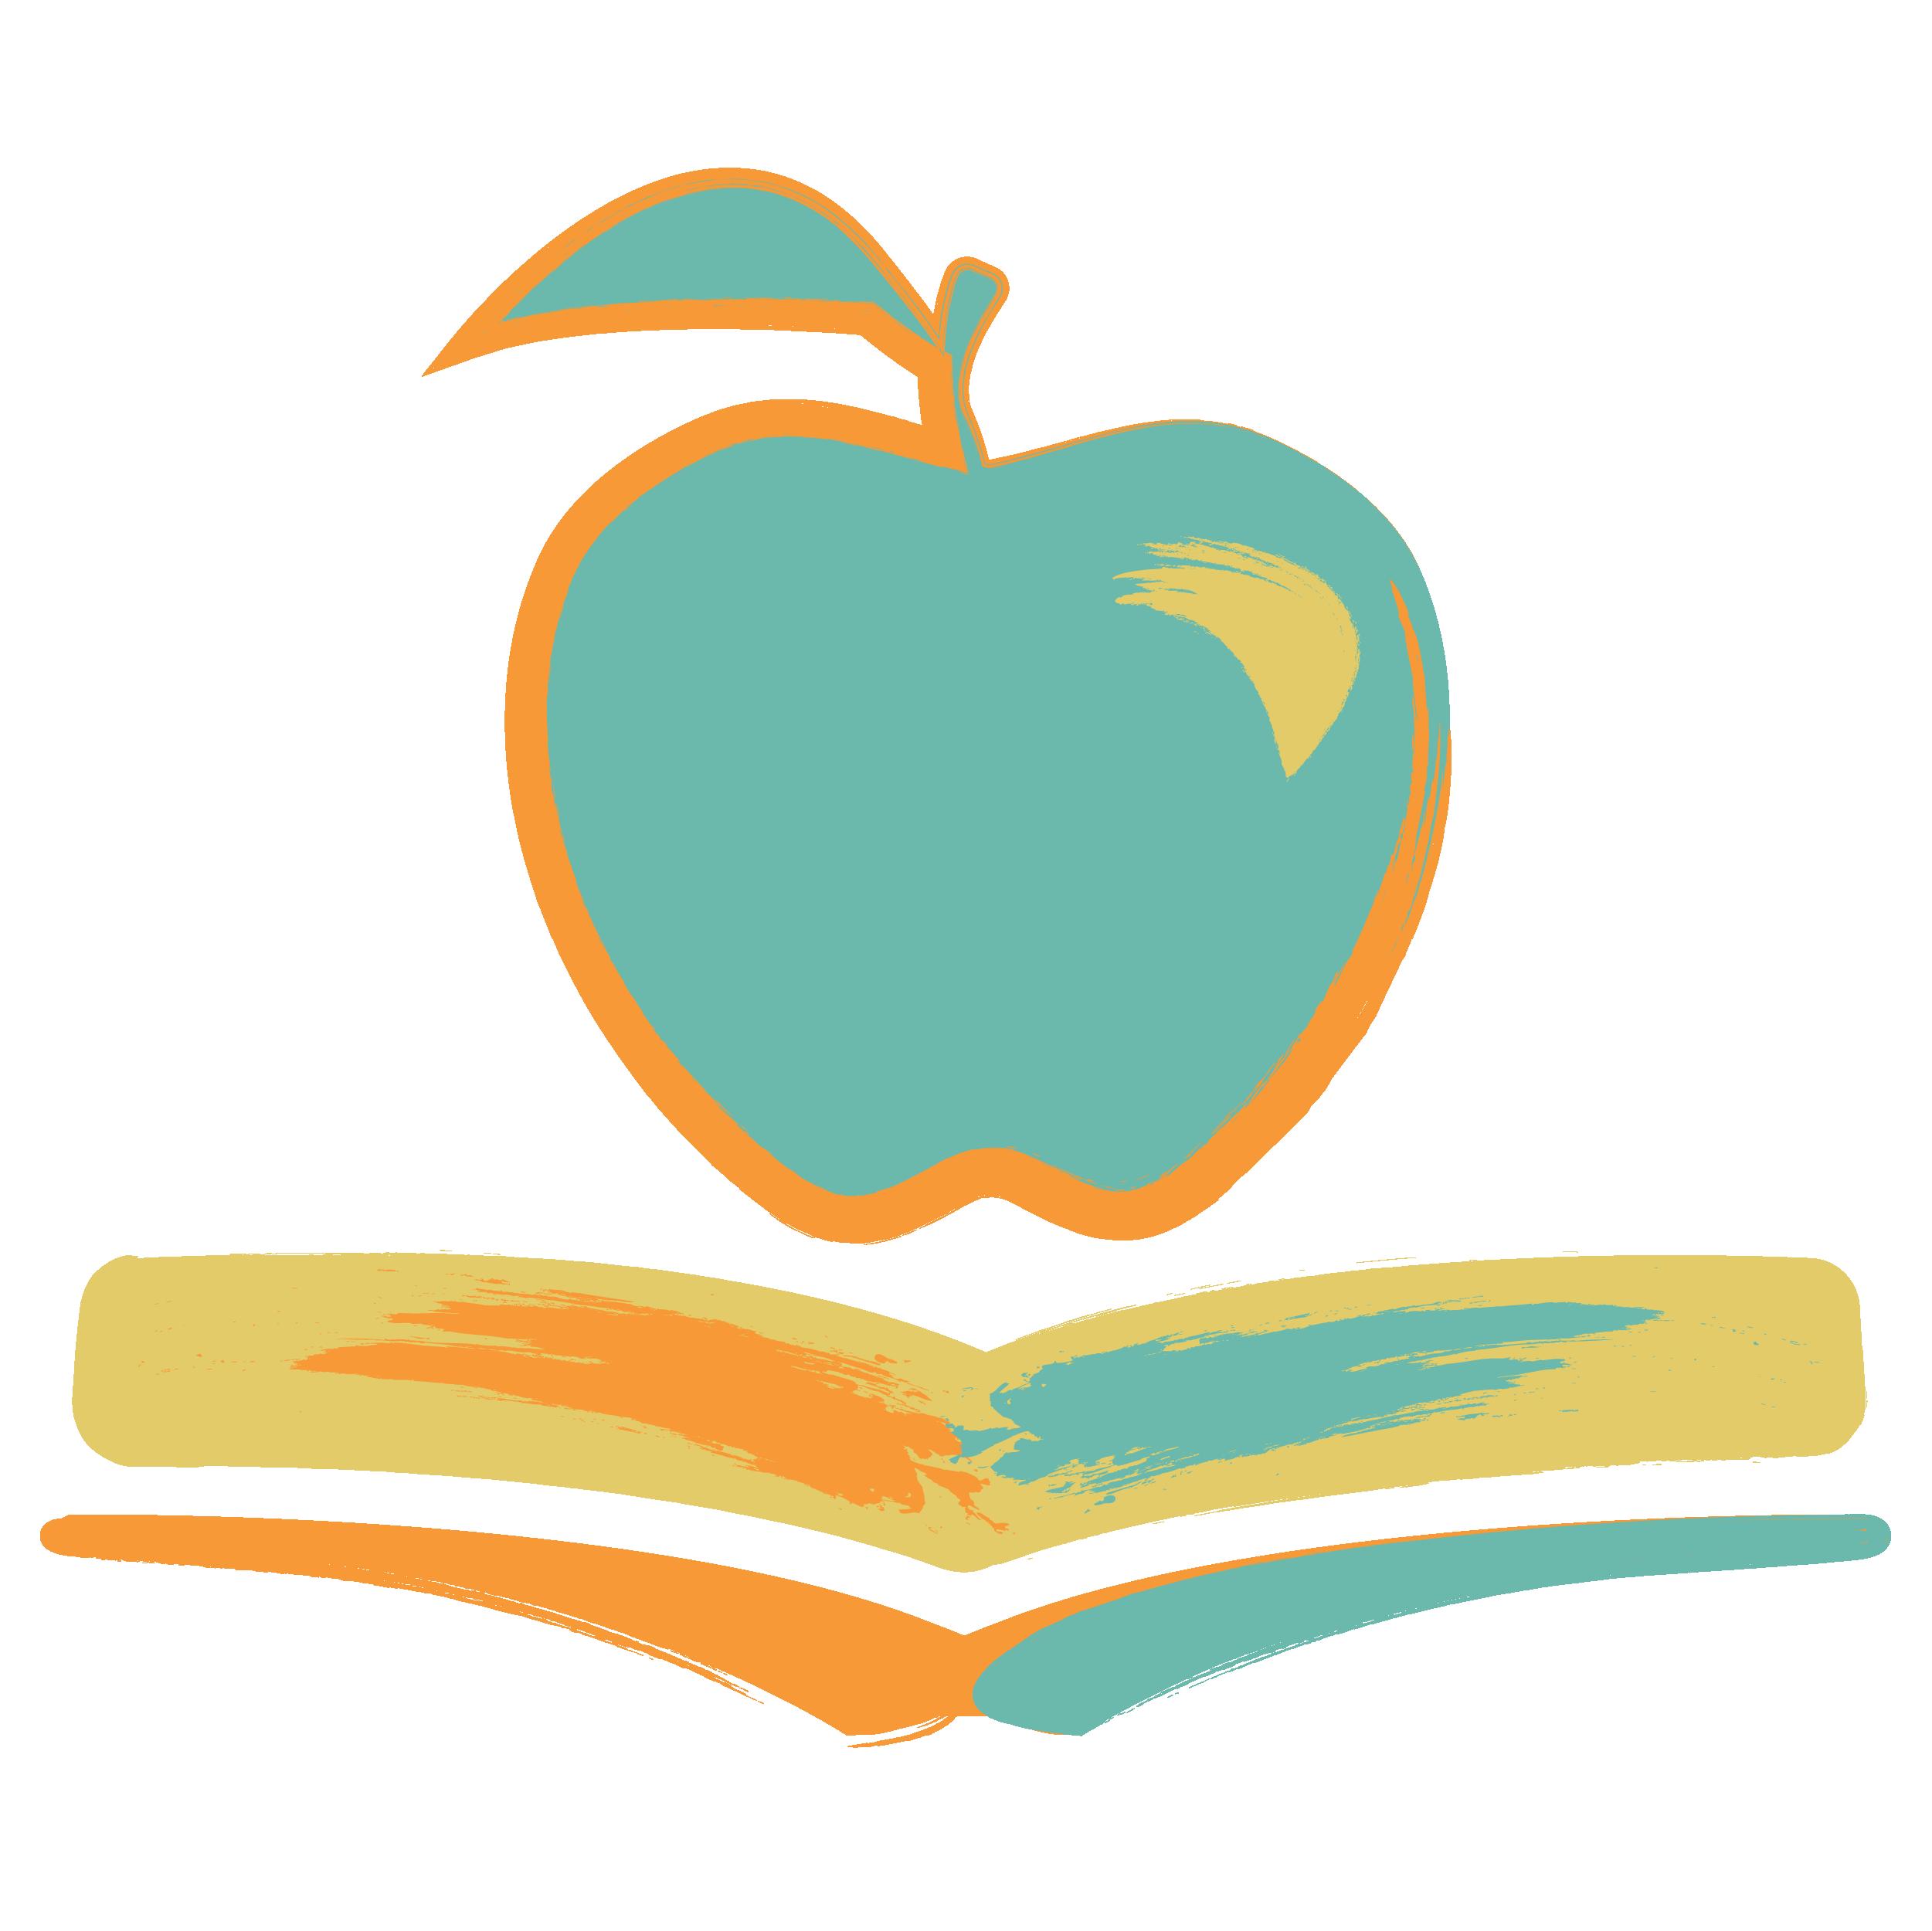 schoolApple_icon